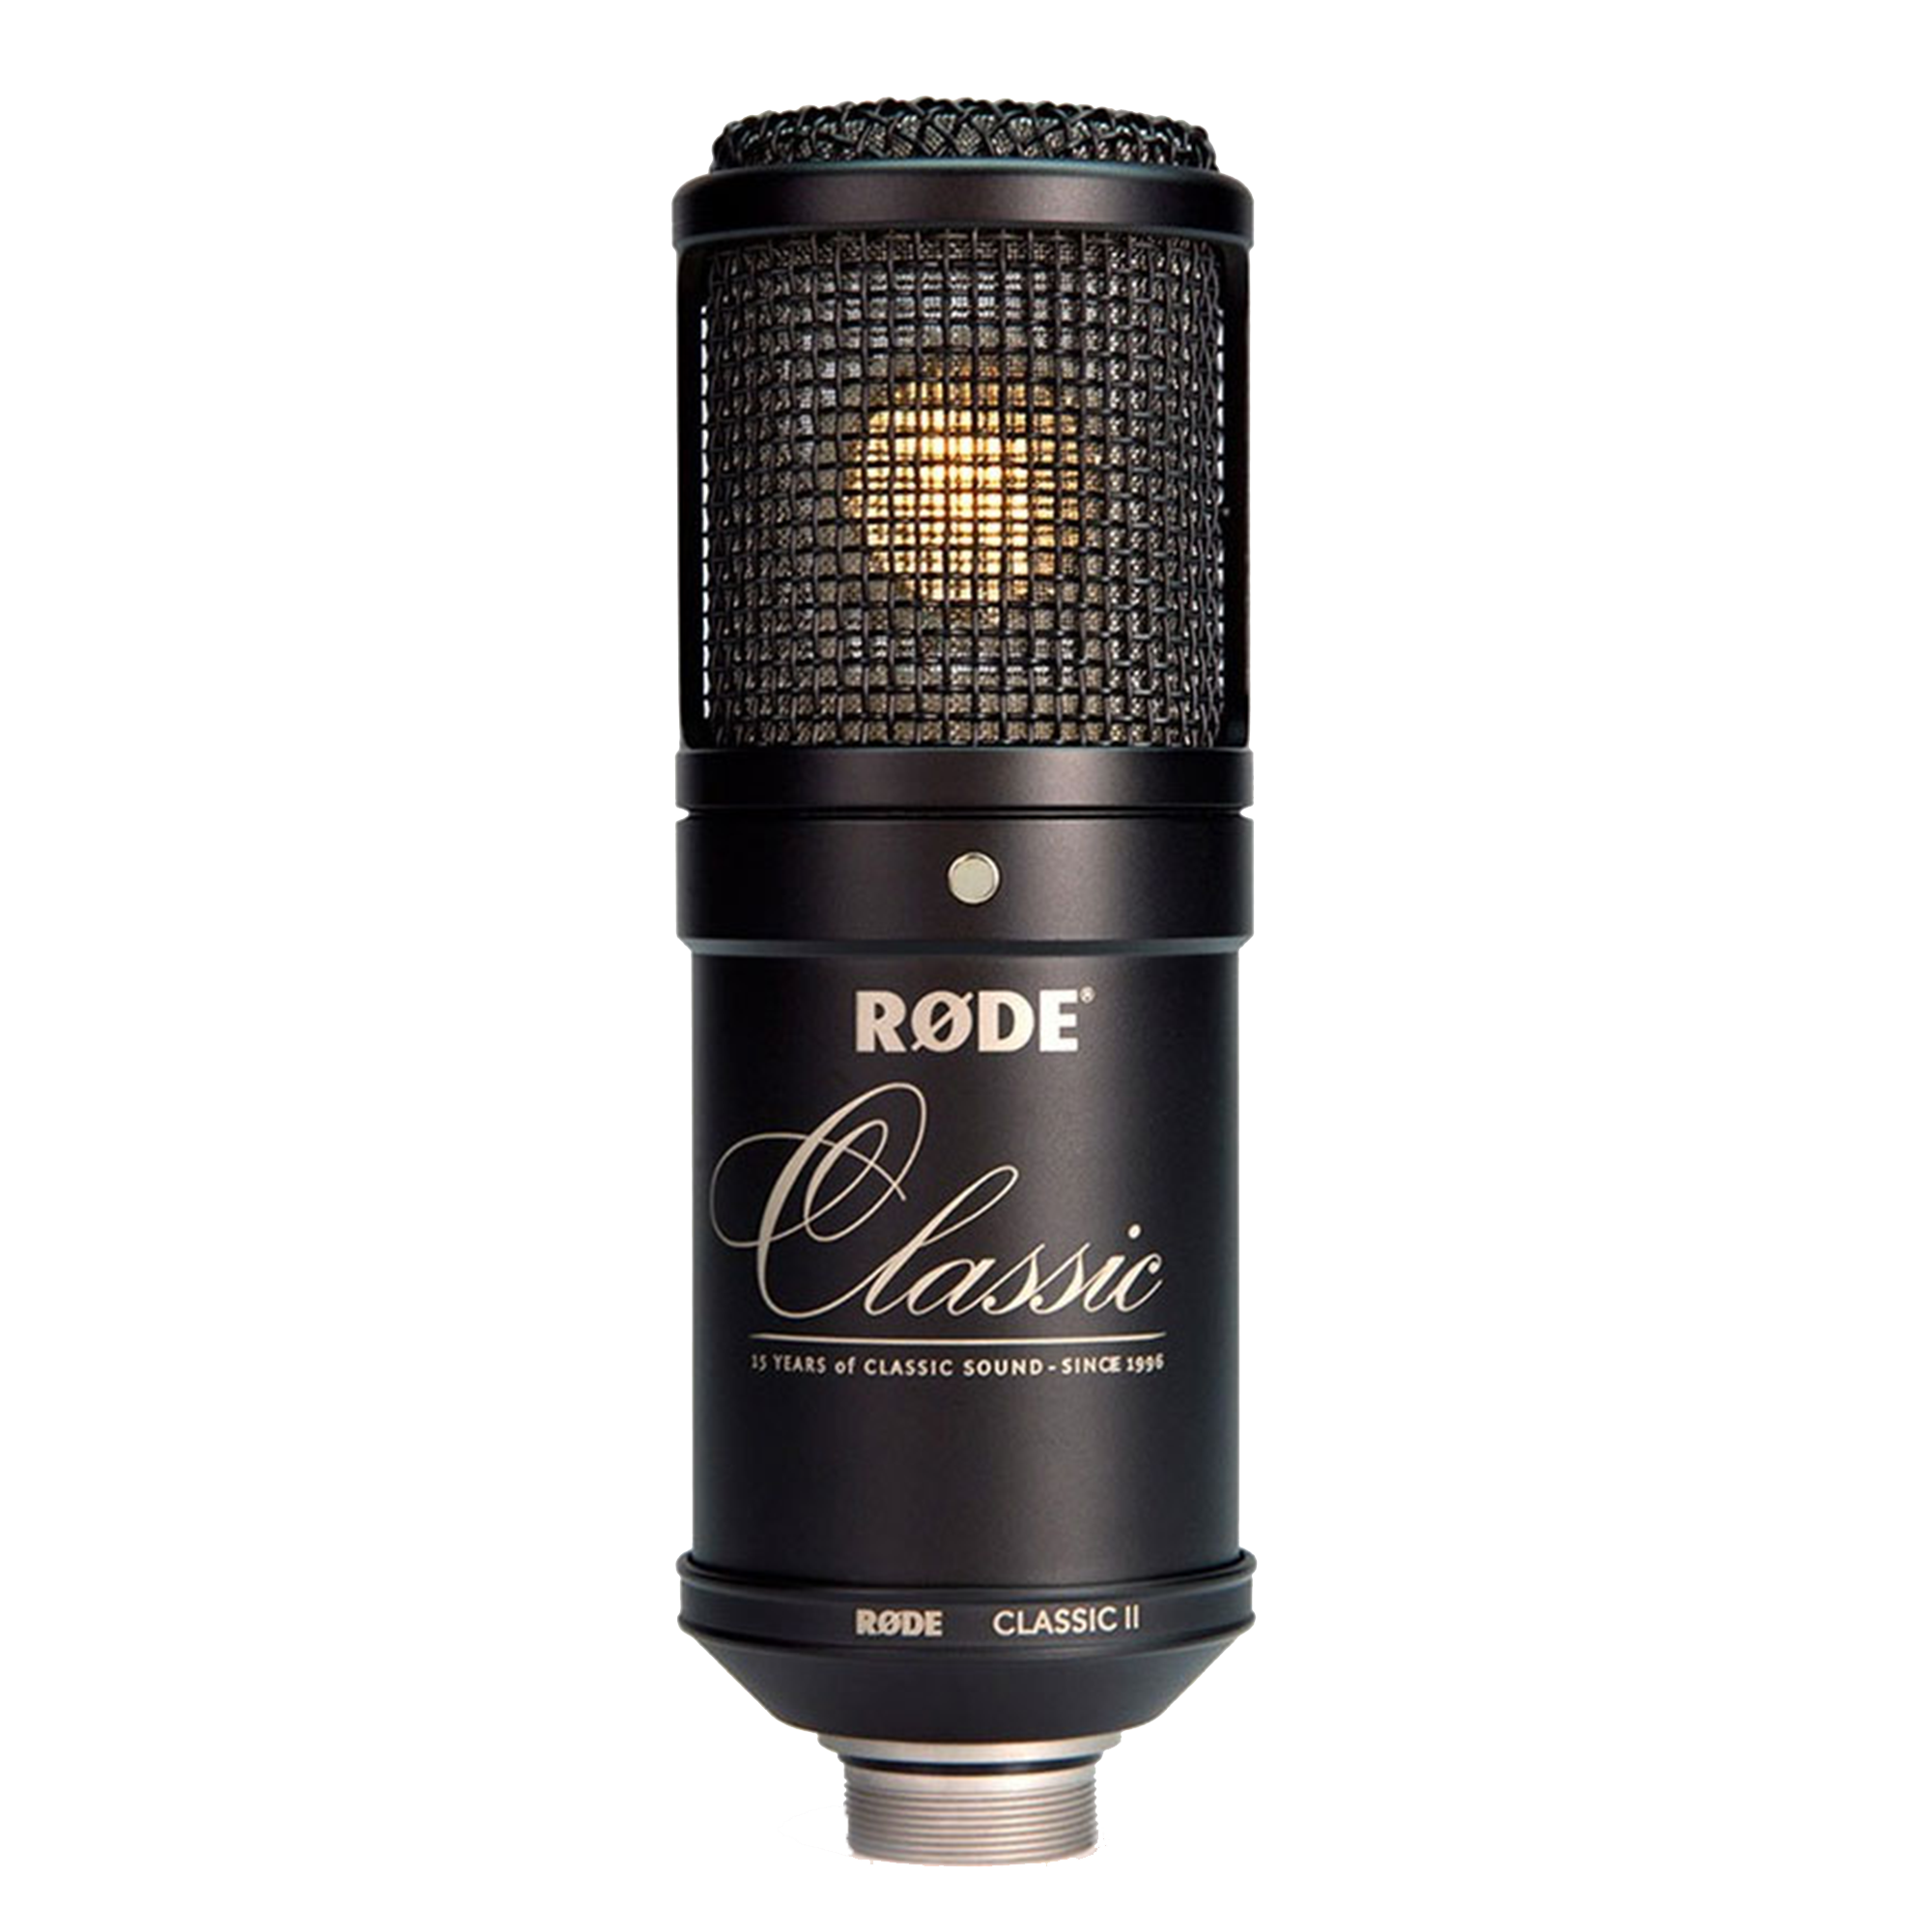 RODE Classic II ltd